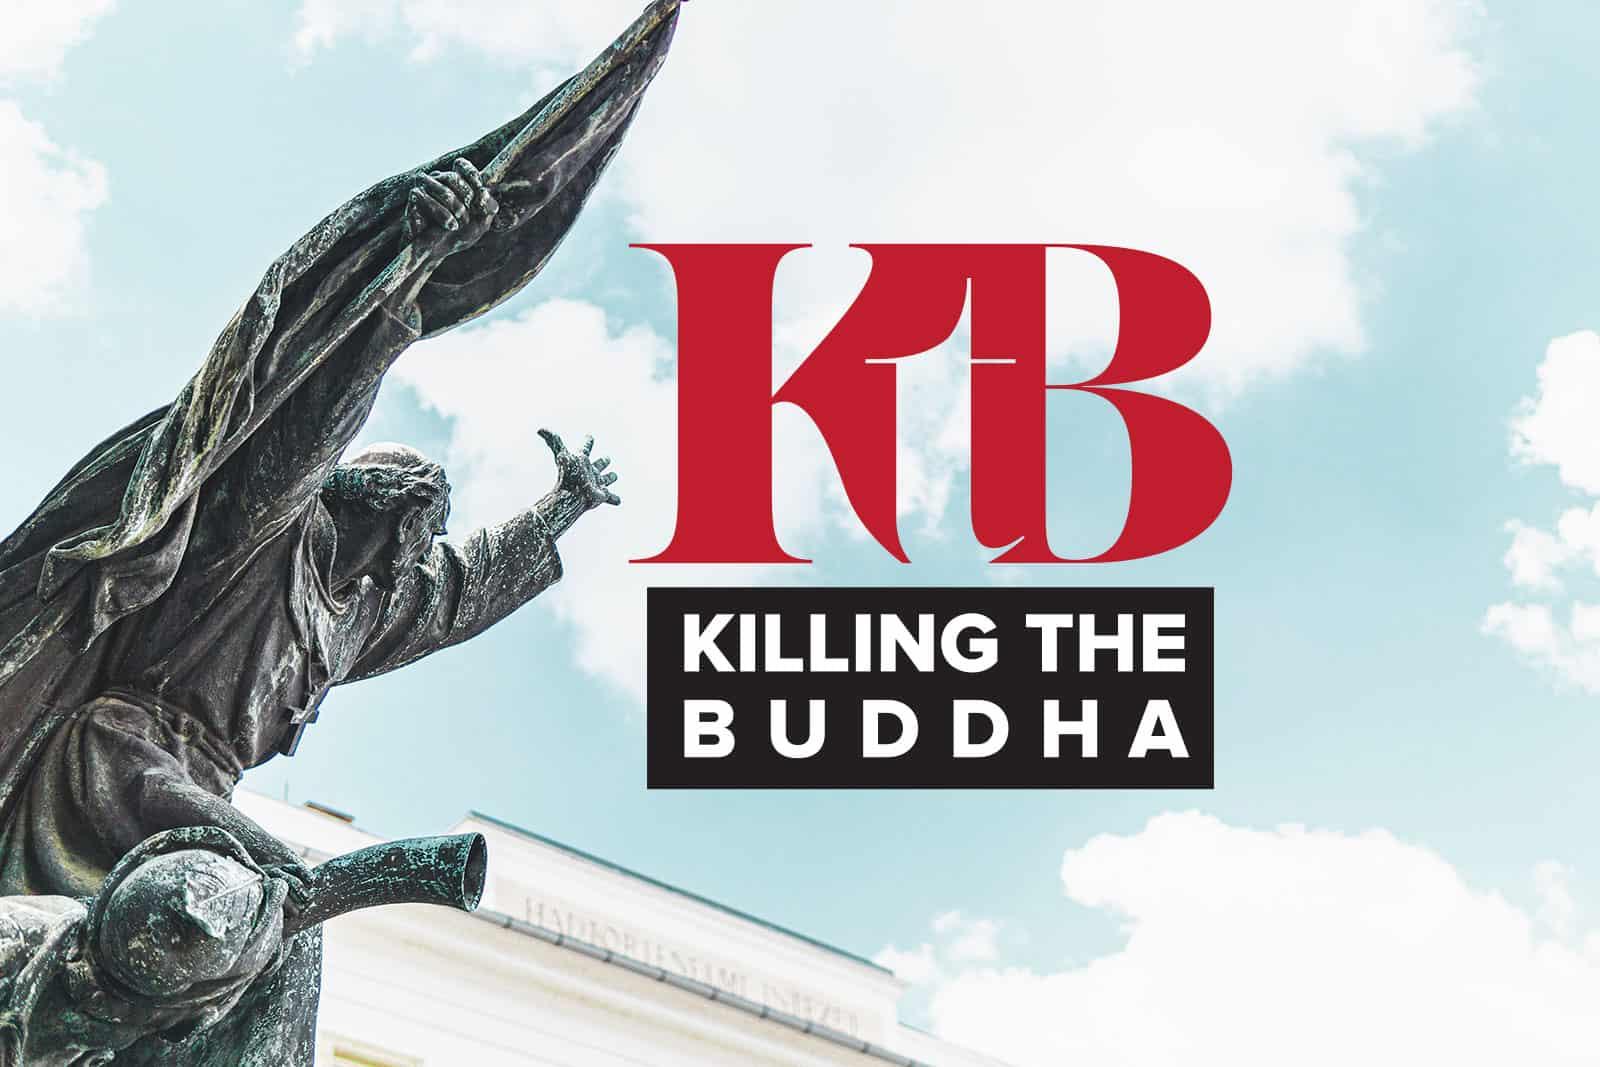 Killing the Buddha